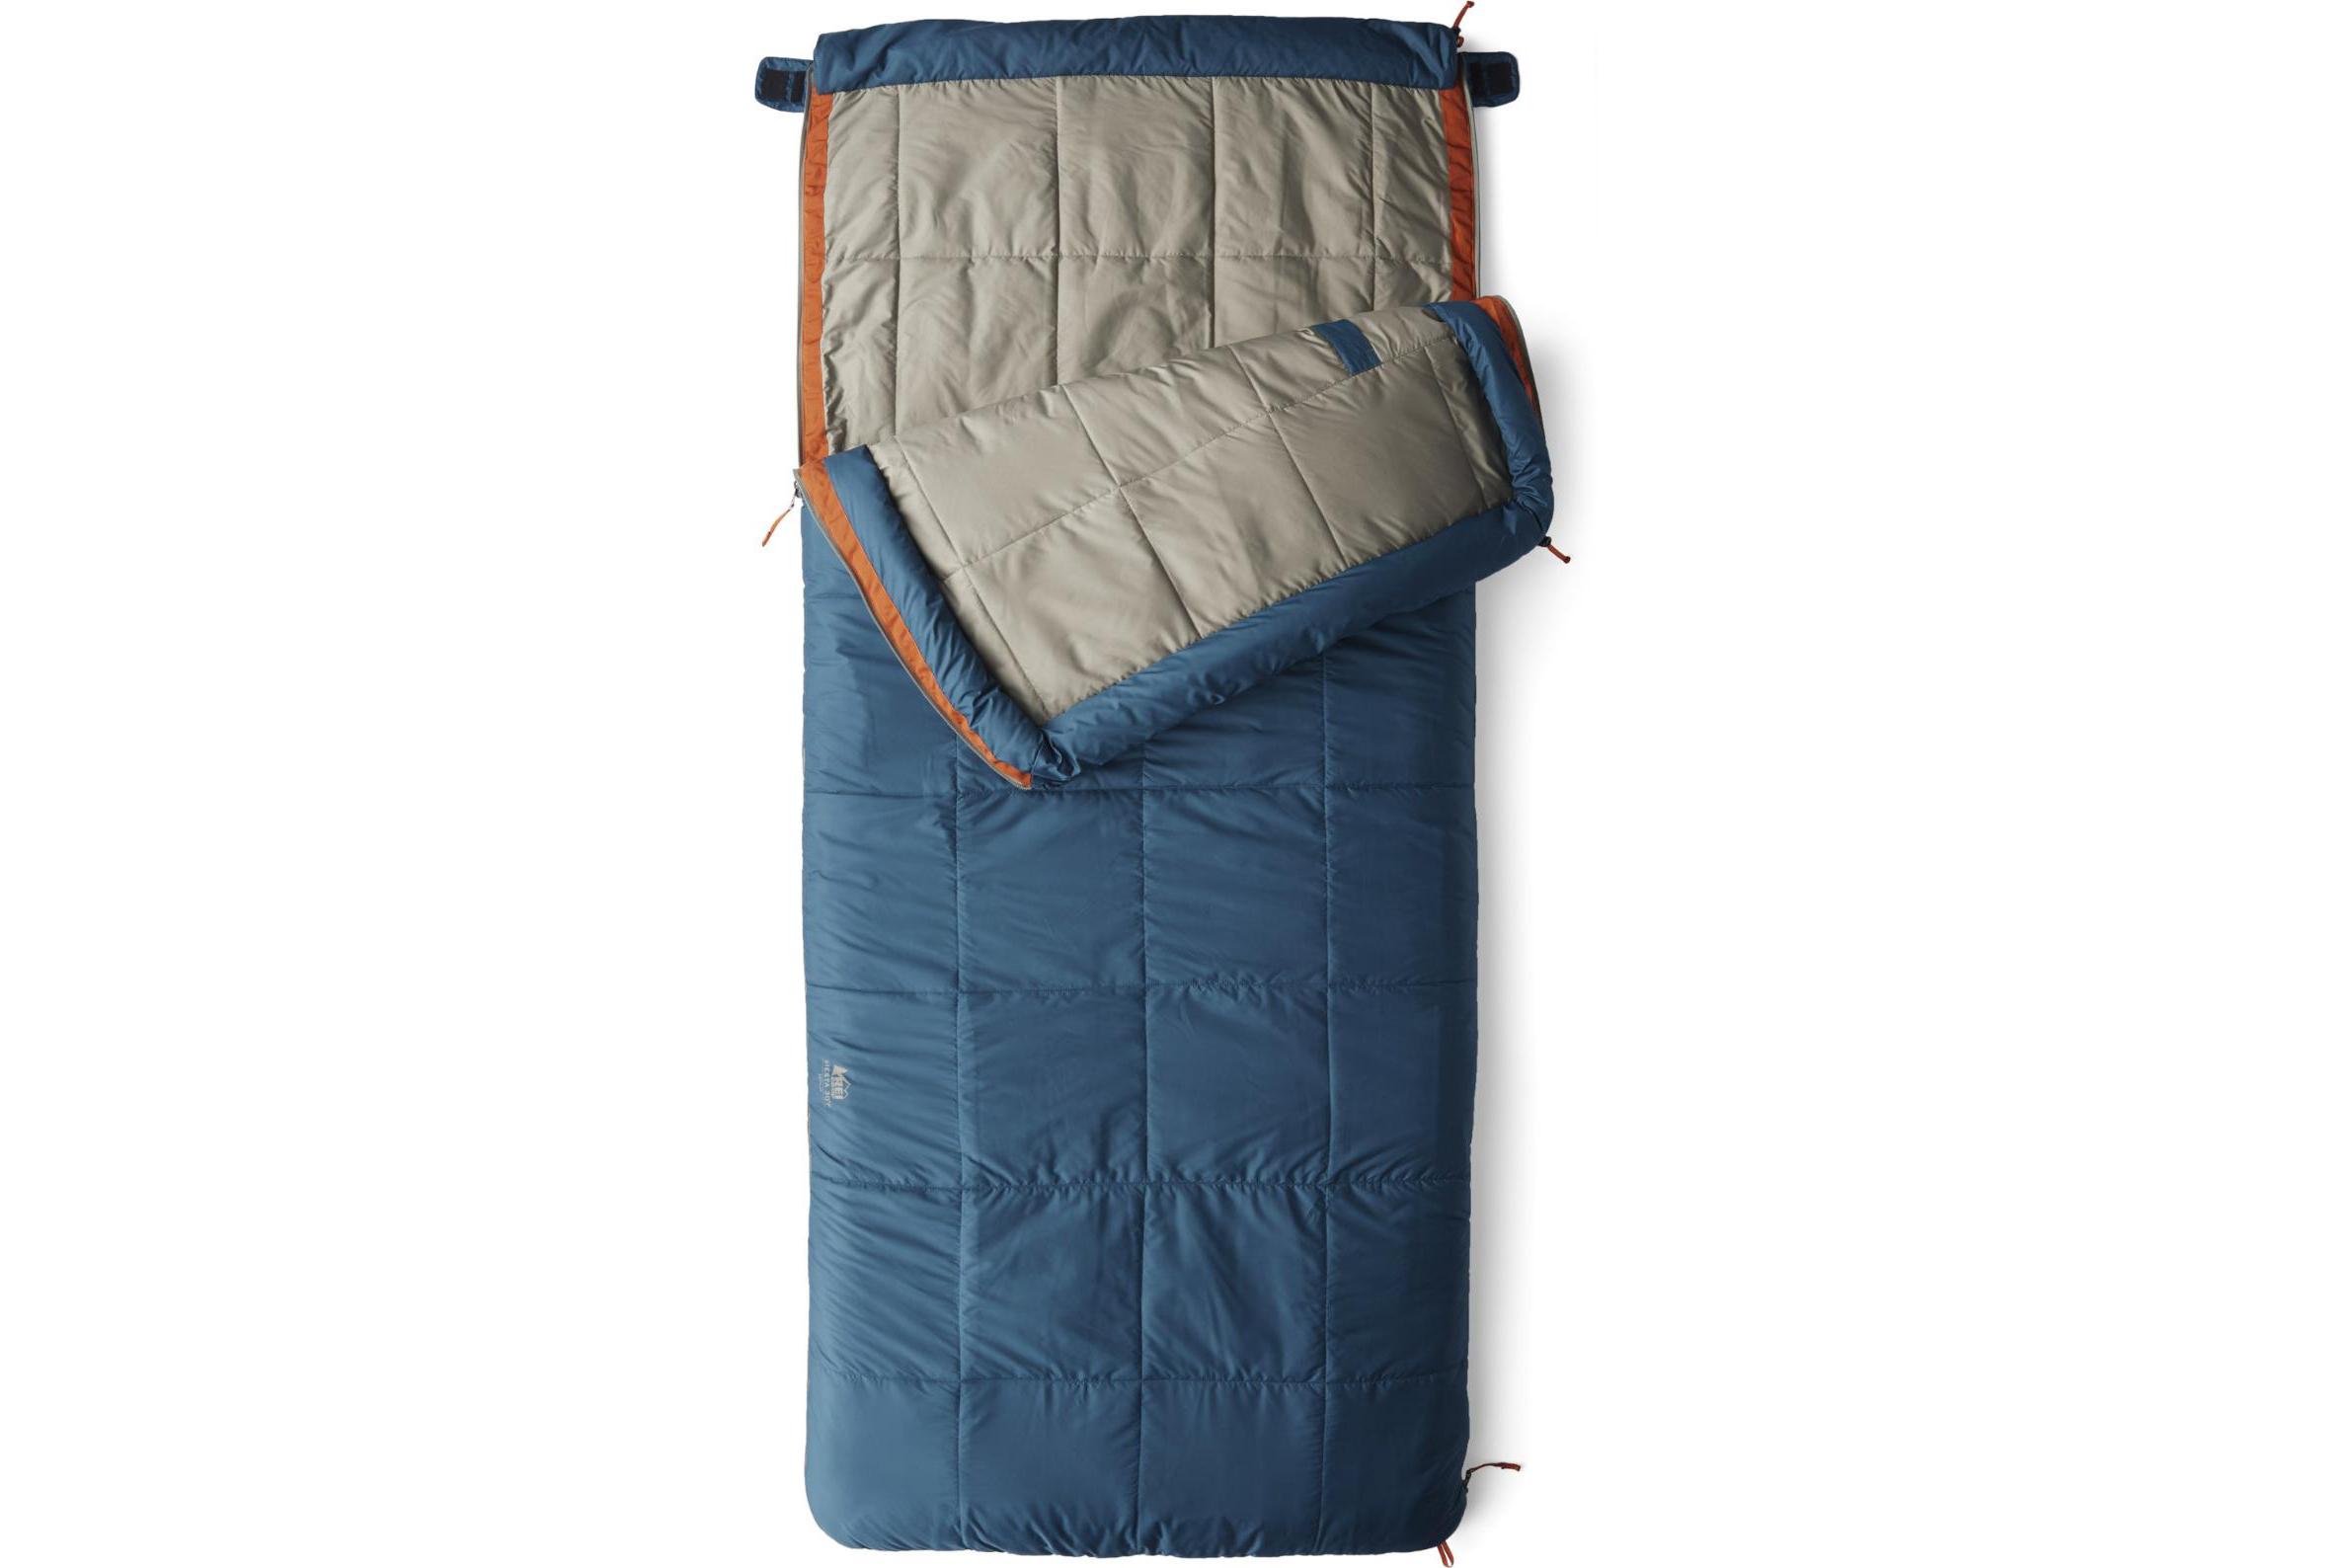 REI Siesta sleeping bag